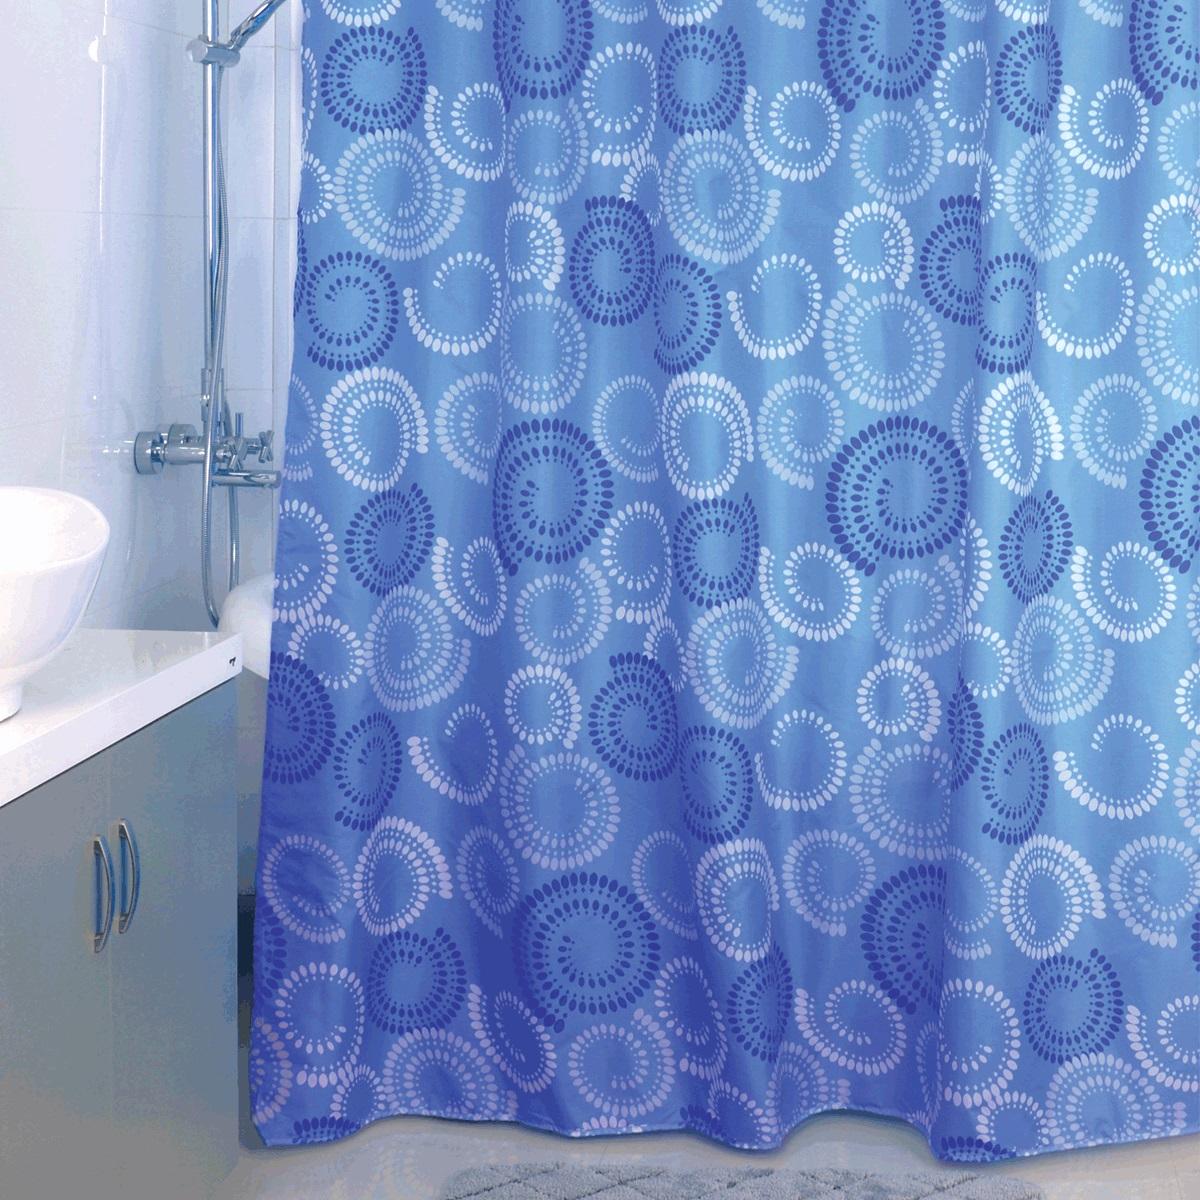 купить Штора для ванной Milardo Ultramarine Dots, цвет: синий, 180 x 200 см по цене 970 рублей